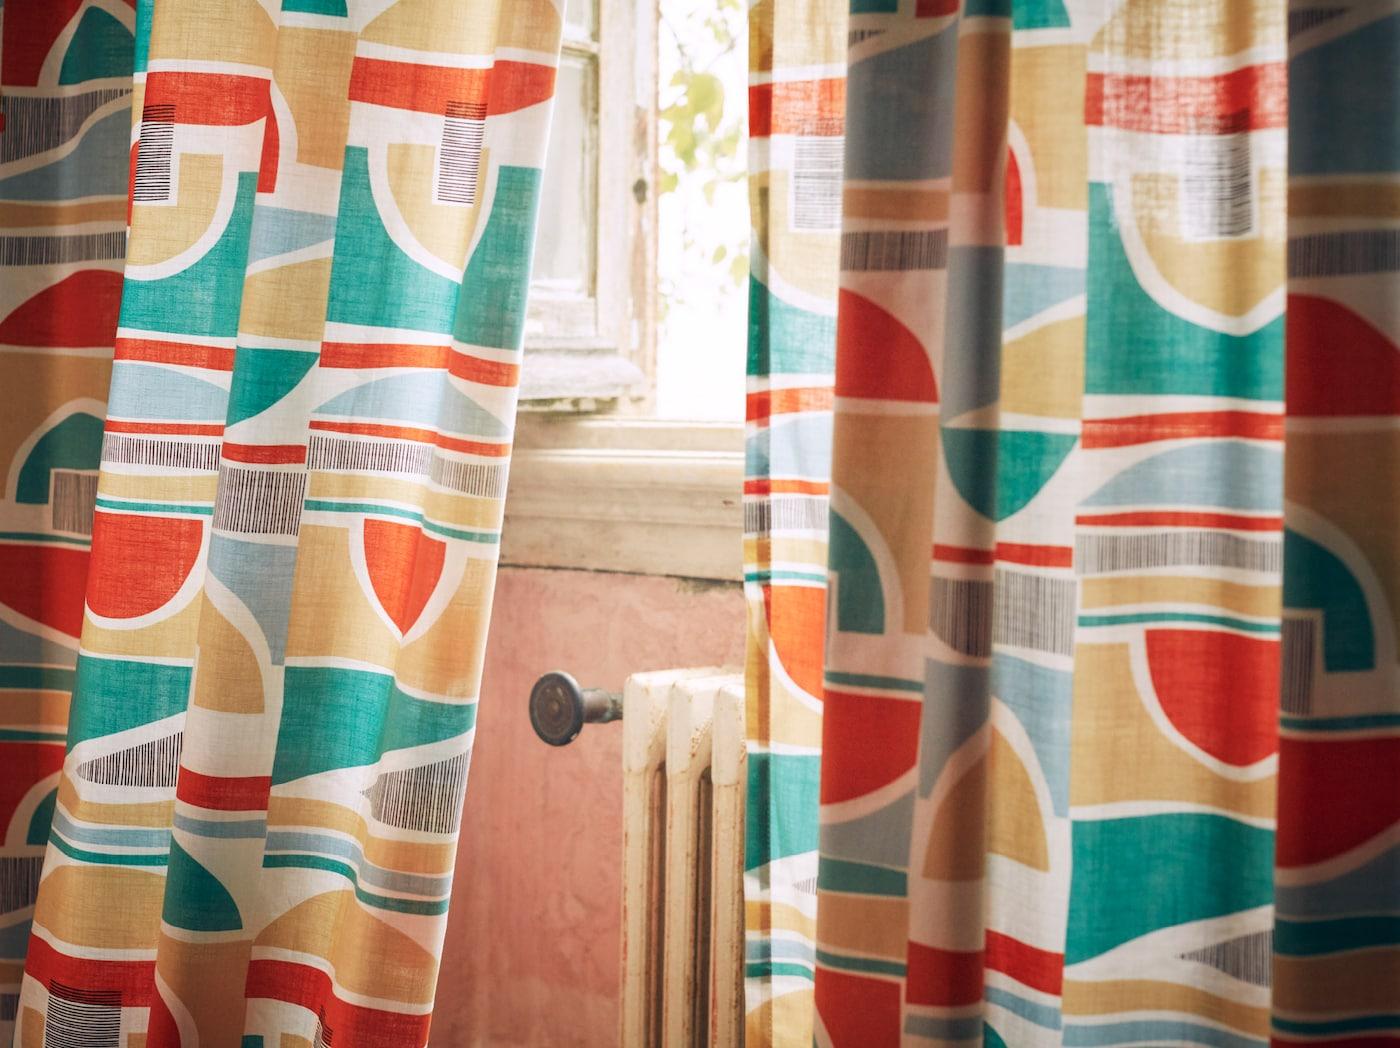 rideaux-MARTORN-motif-graphique-multicolore-années-60